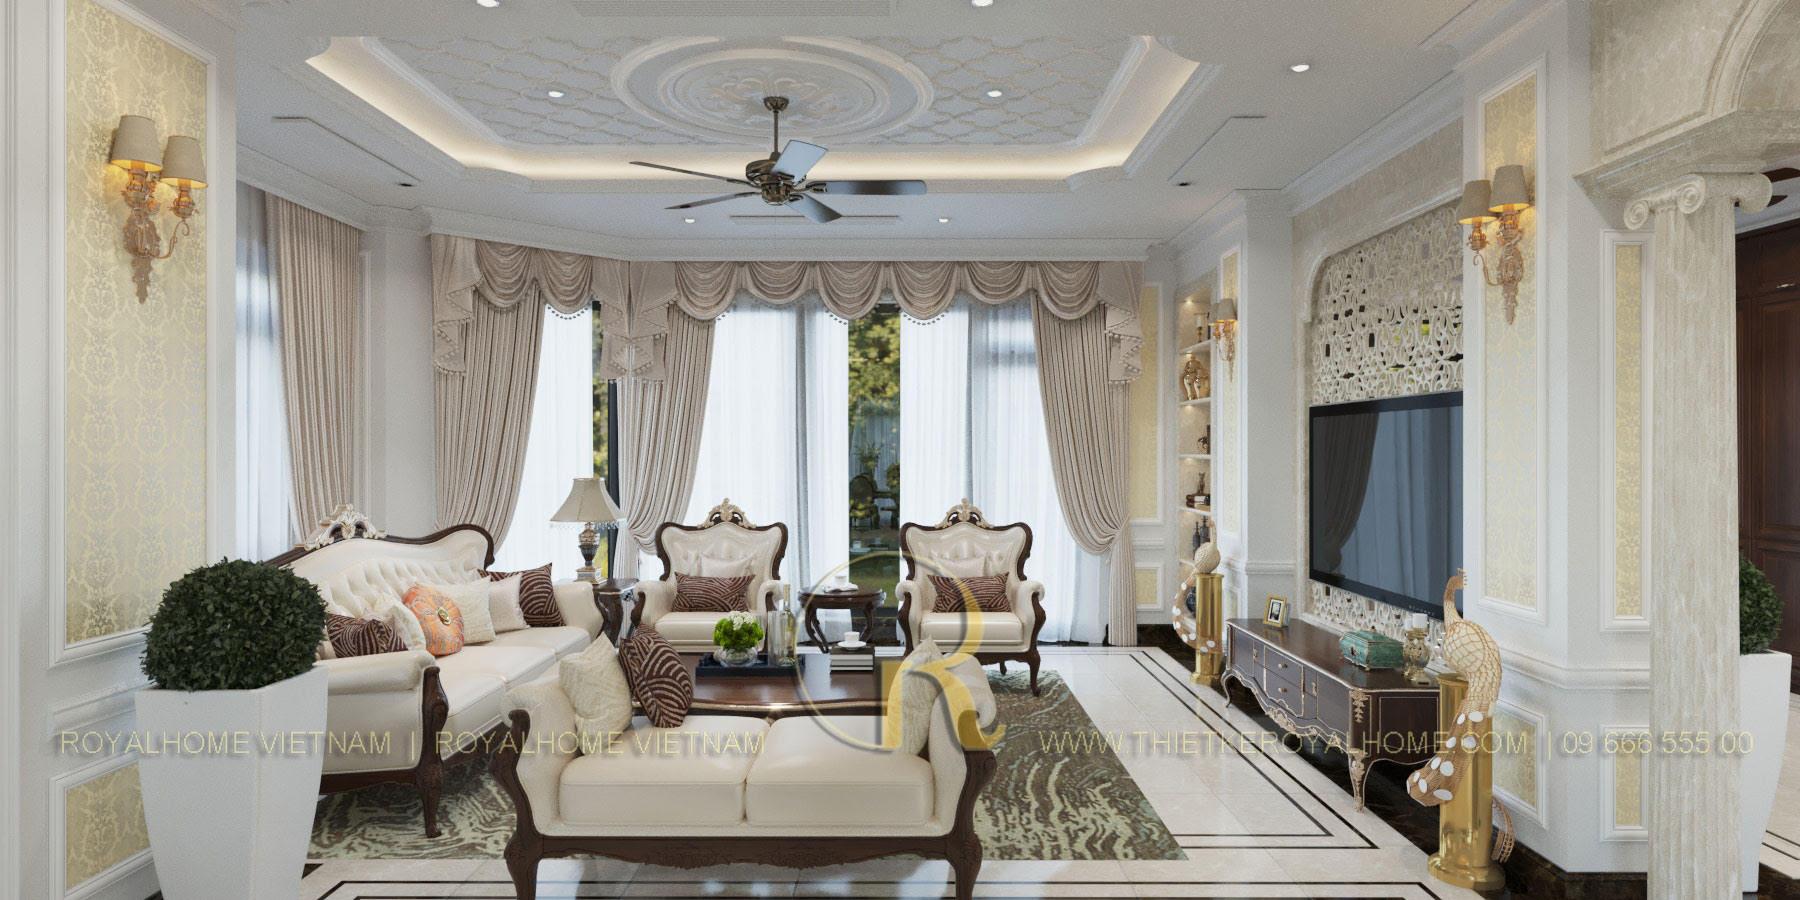 50 kiểu Không gian bếp đẹp đẳng cấp cho nhà biệt thự, sky, penthouse